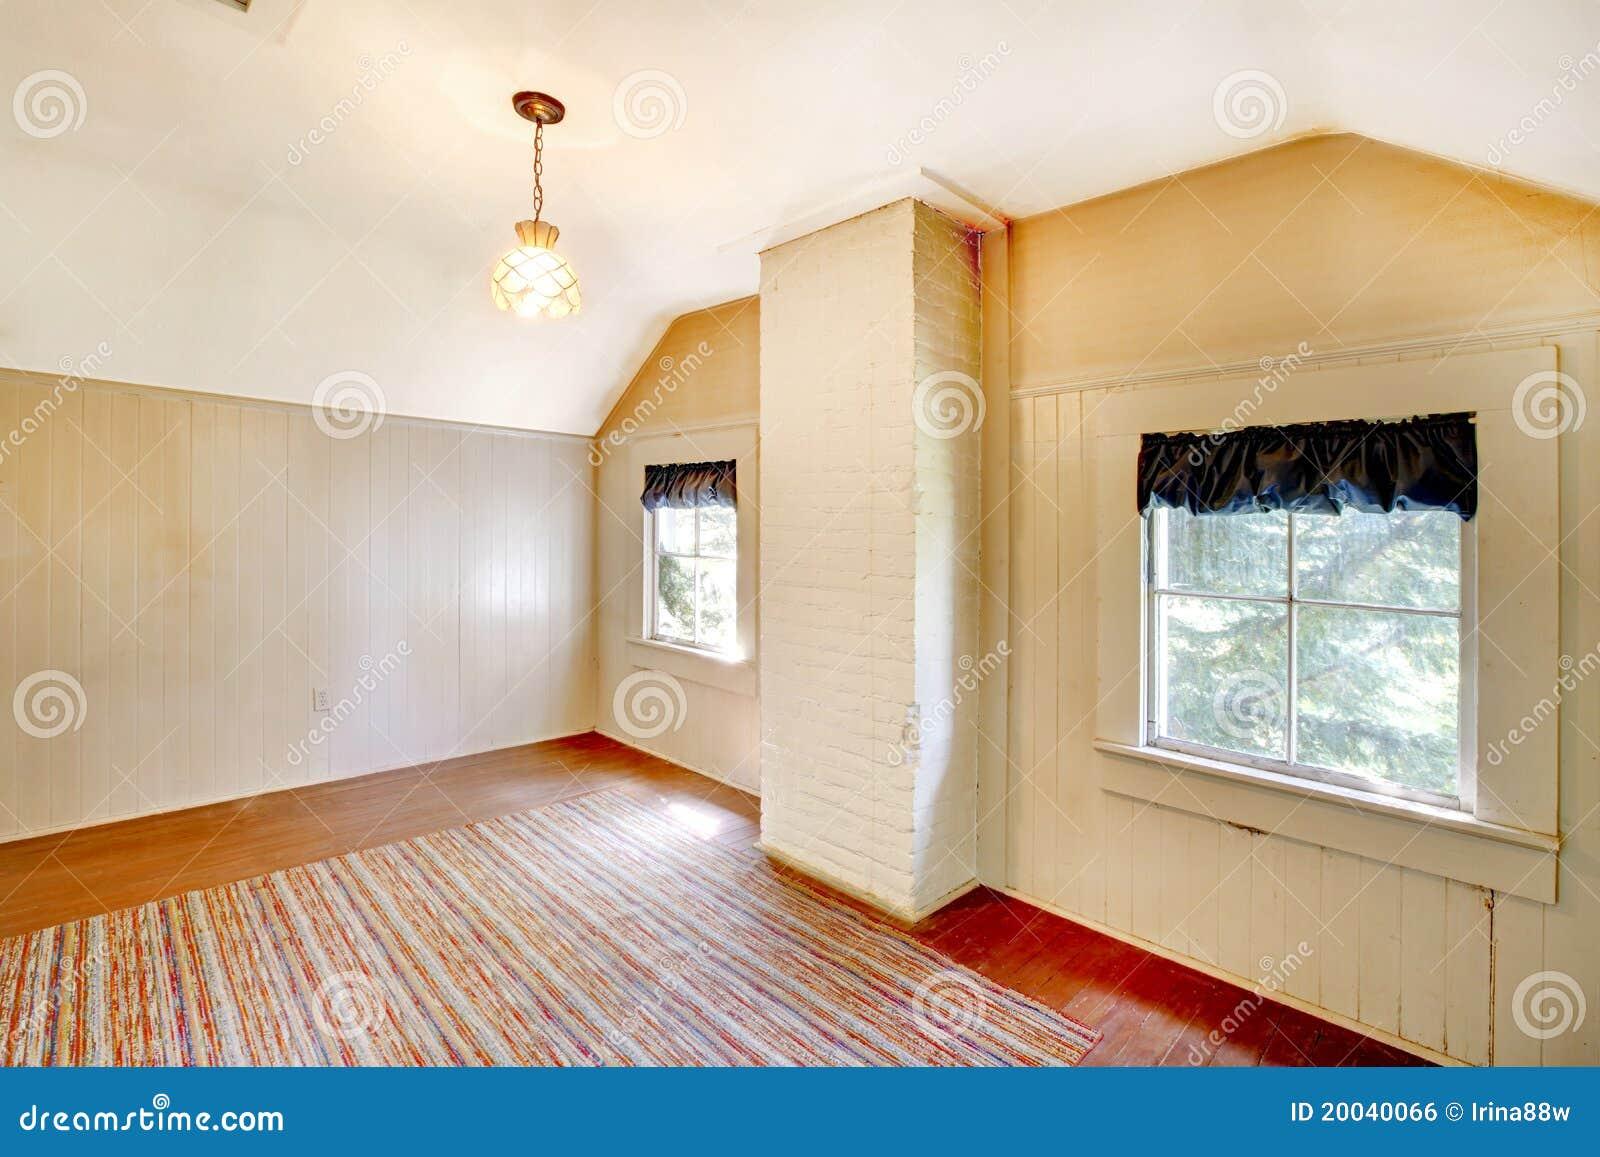 sehr altes schlafzimmer leer mit weißen wänden. lizenzfreies, Schlafzimmer entwurf